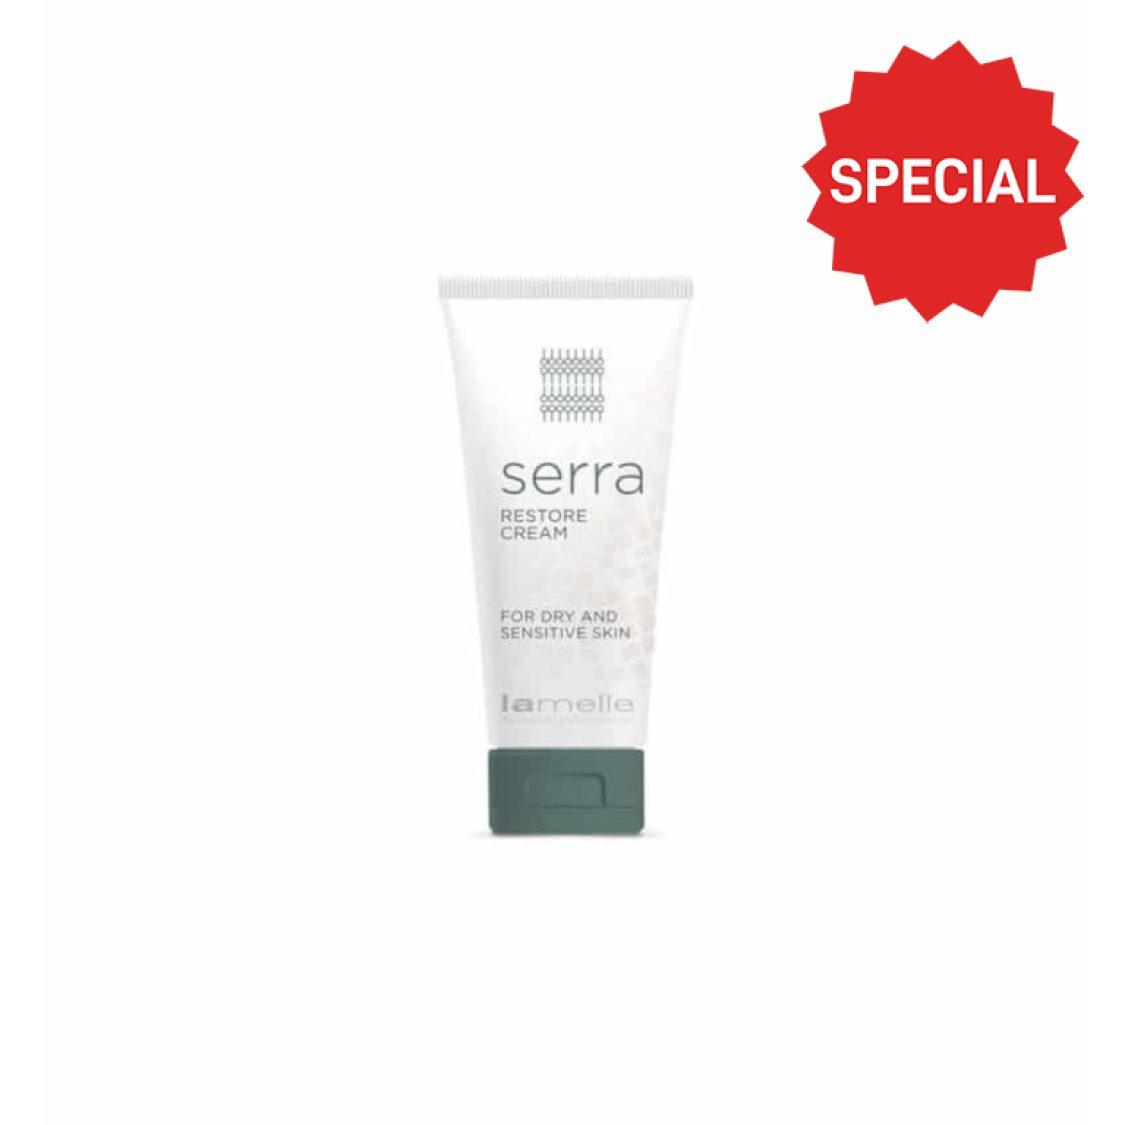 Lamelle - Serra Restore Cream